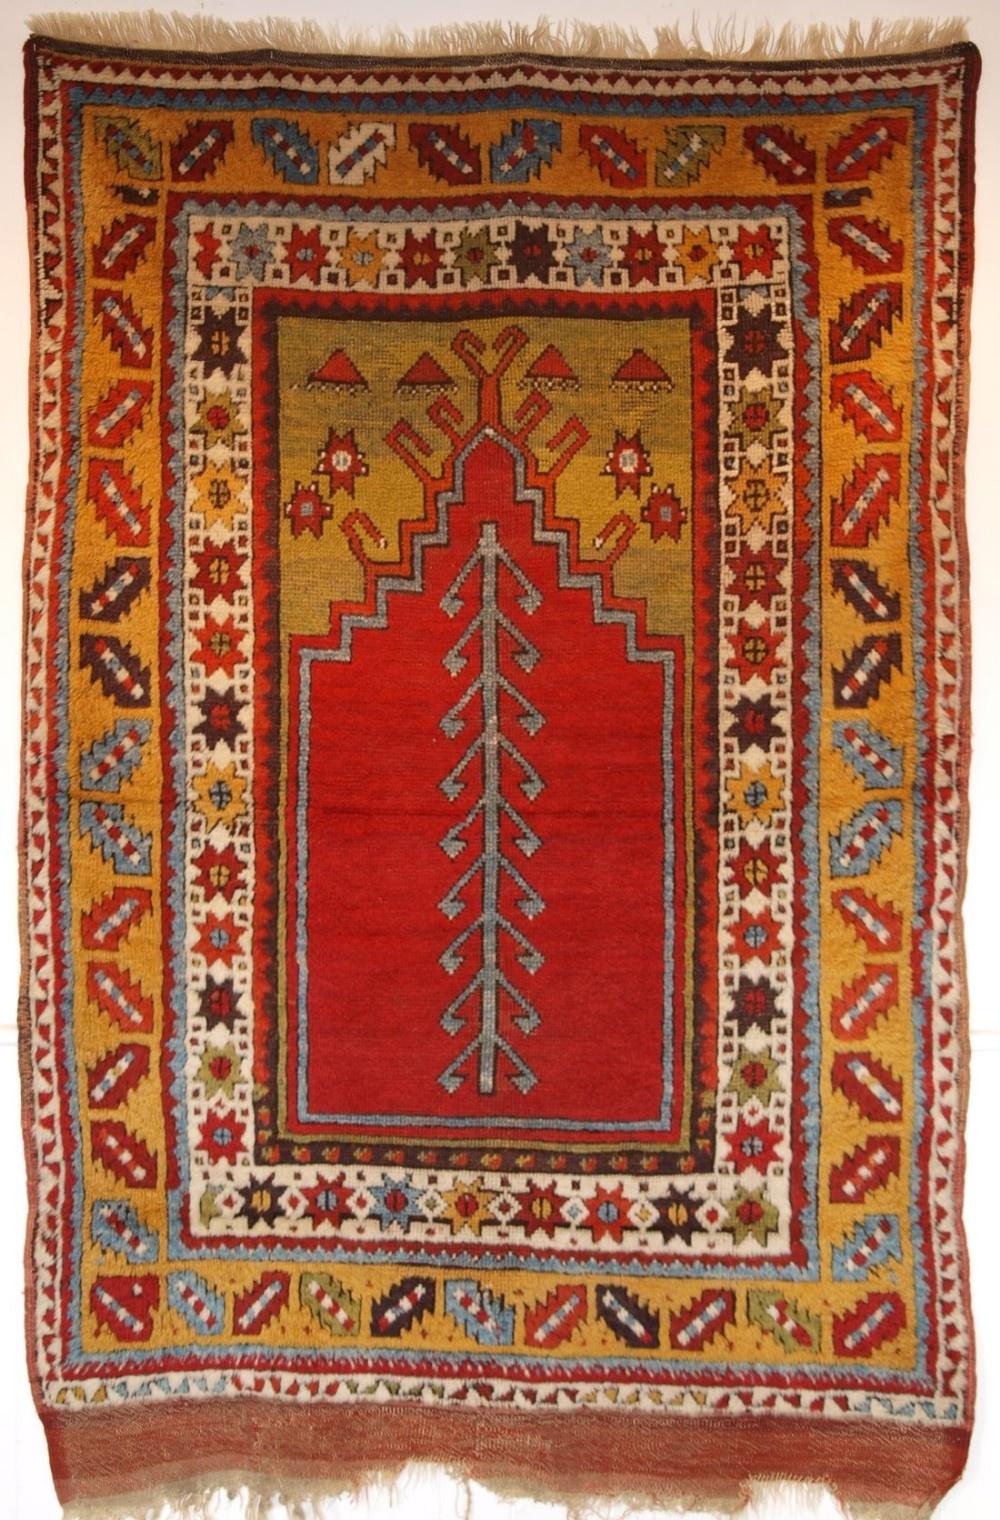 antique turkish konya region prayer rug superb colours 2nd half 19th century